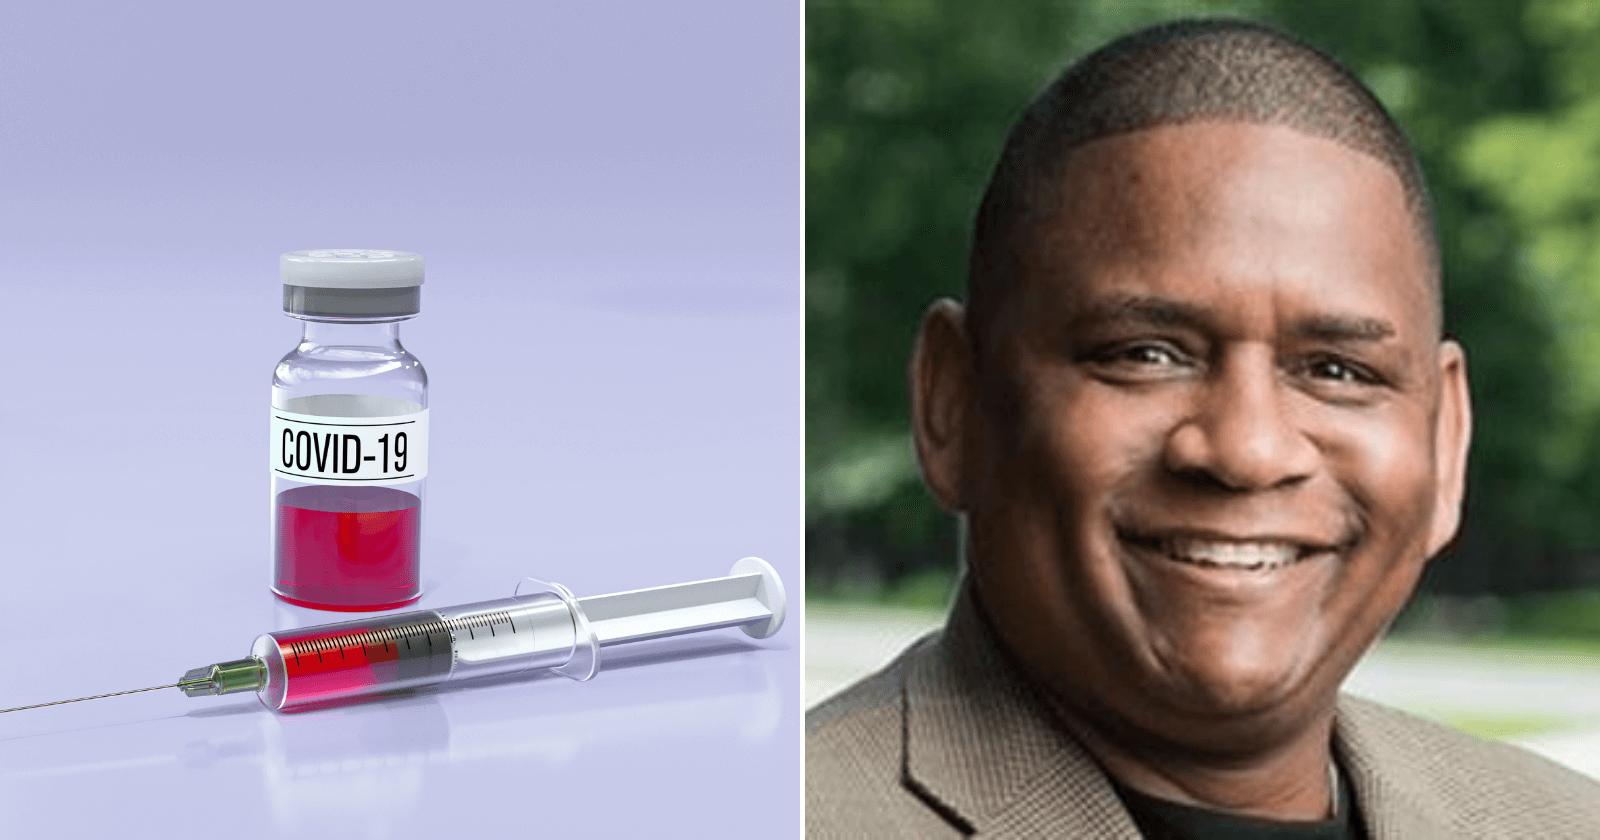 Pesquisadores encontram superanticorpos raros contra o coronavírus em americano